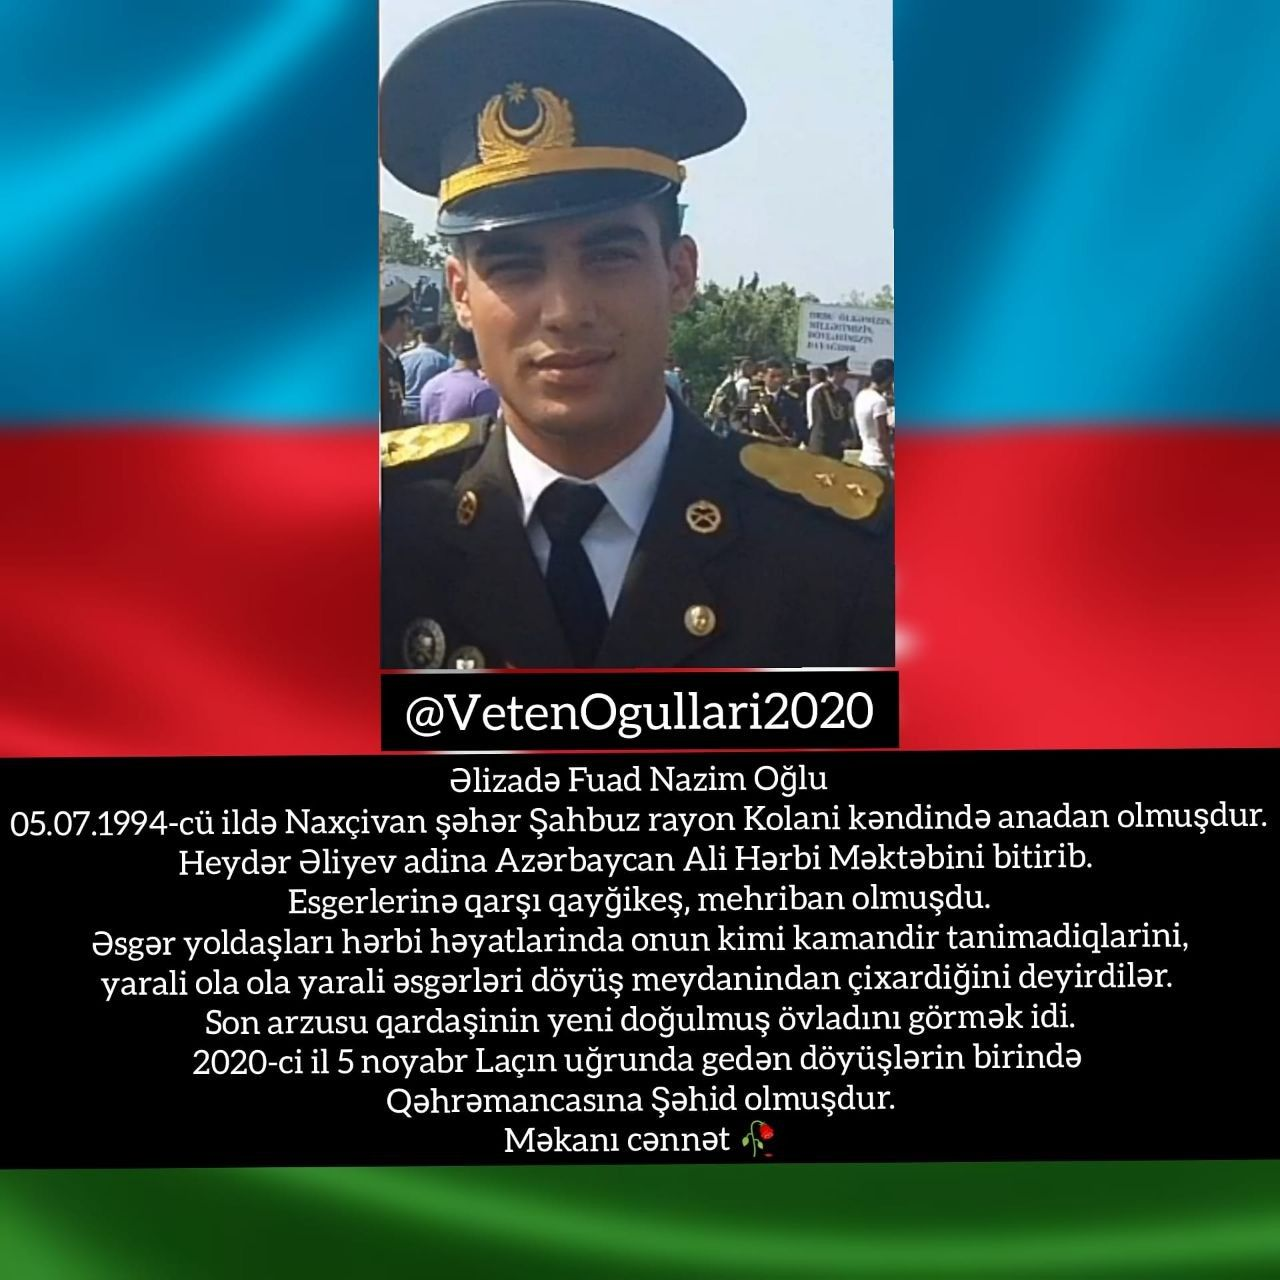 Səhid əlizadə Fuad Naxcivan Nur Icində Yat Nur Uzlu Səhidim Burns Azerbaijan